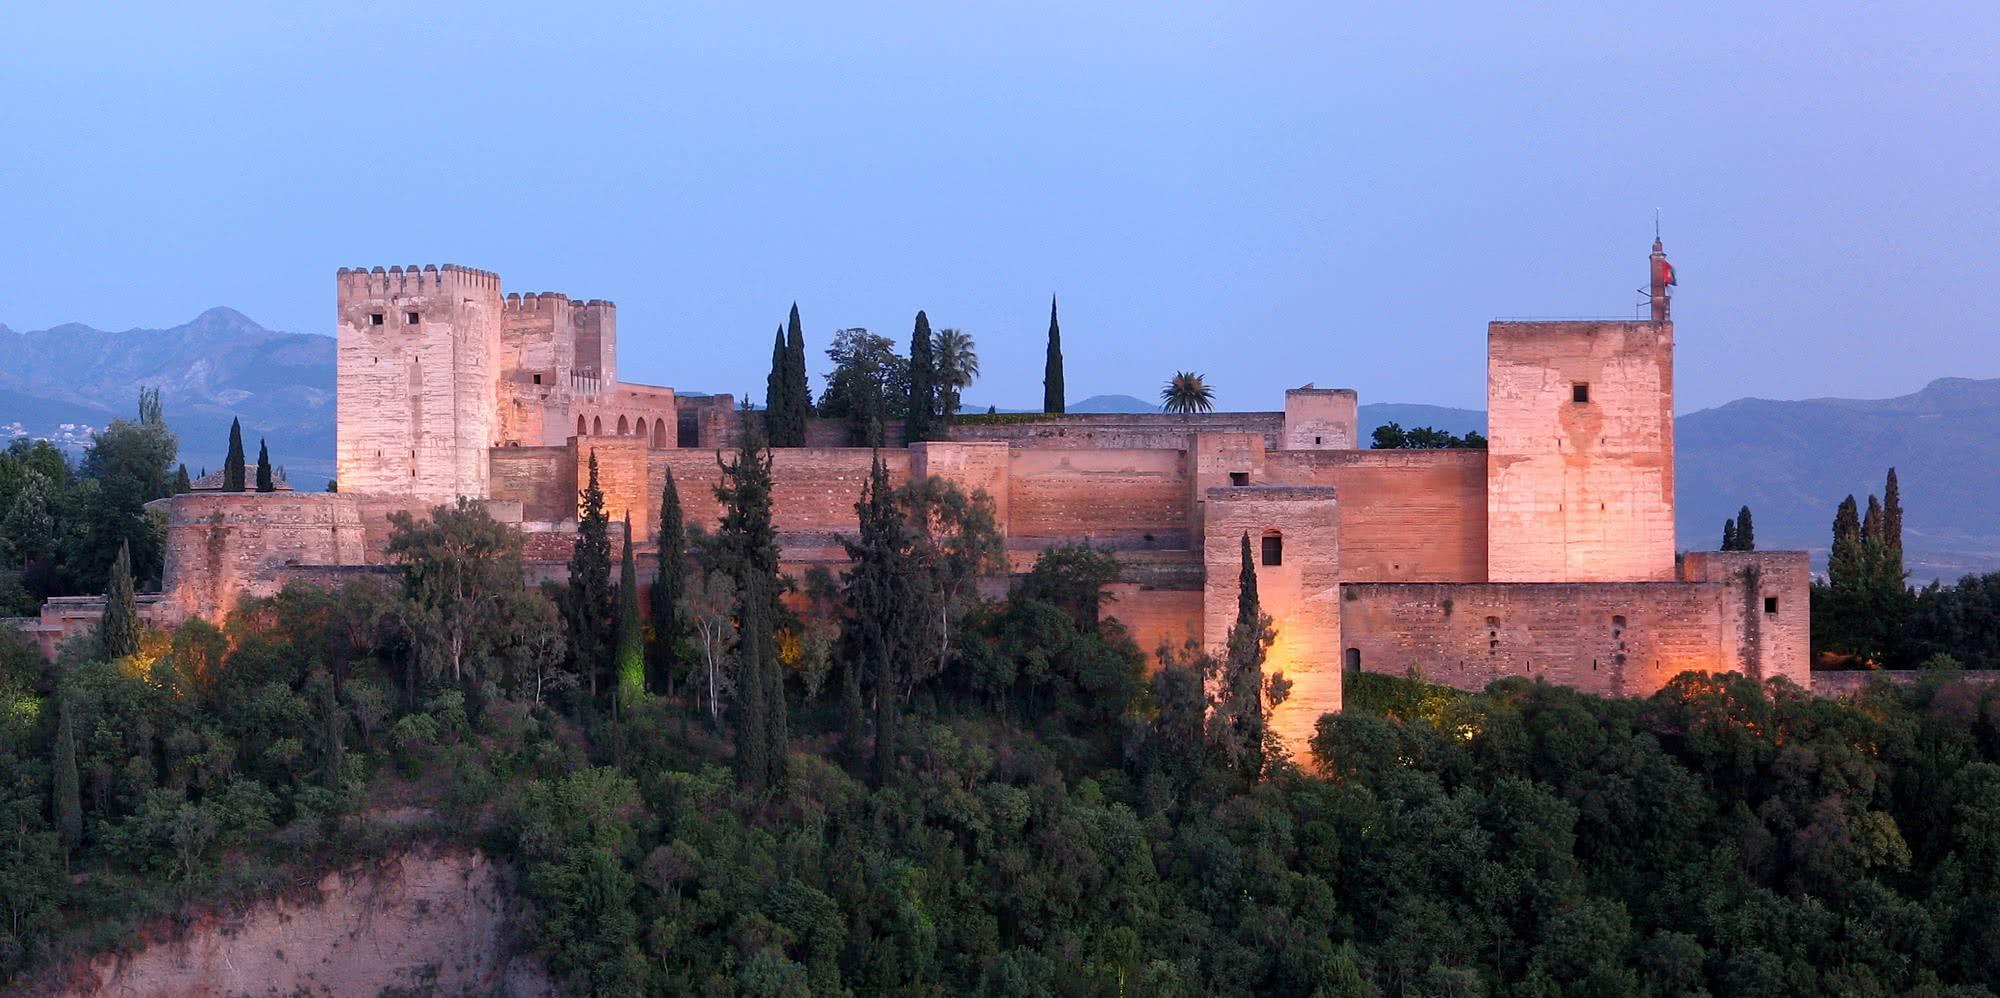 Alcazaba de la alhambra alcazaba - Paginas amarillas de granada ...